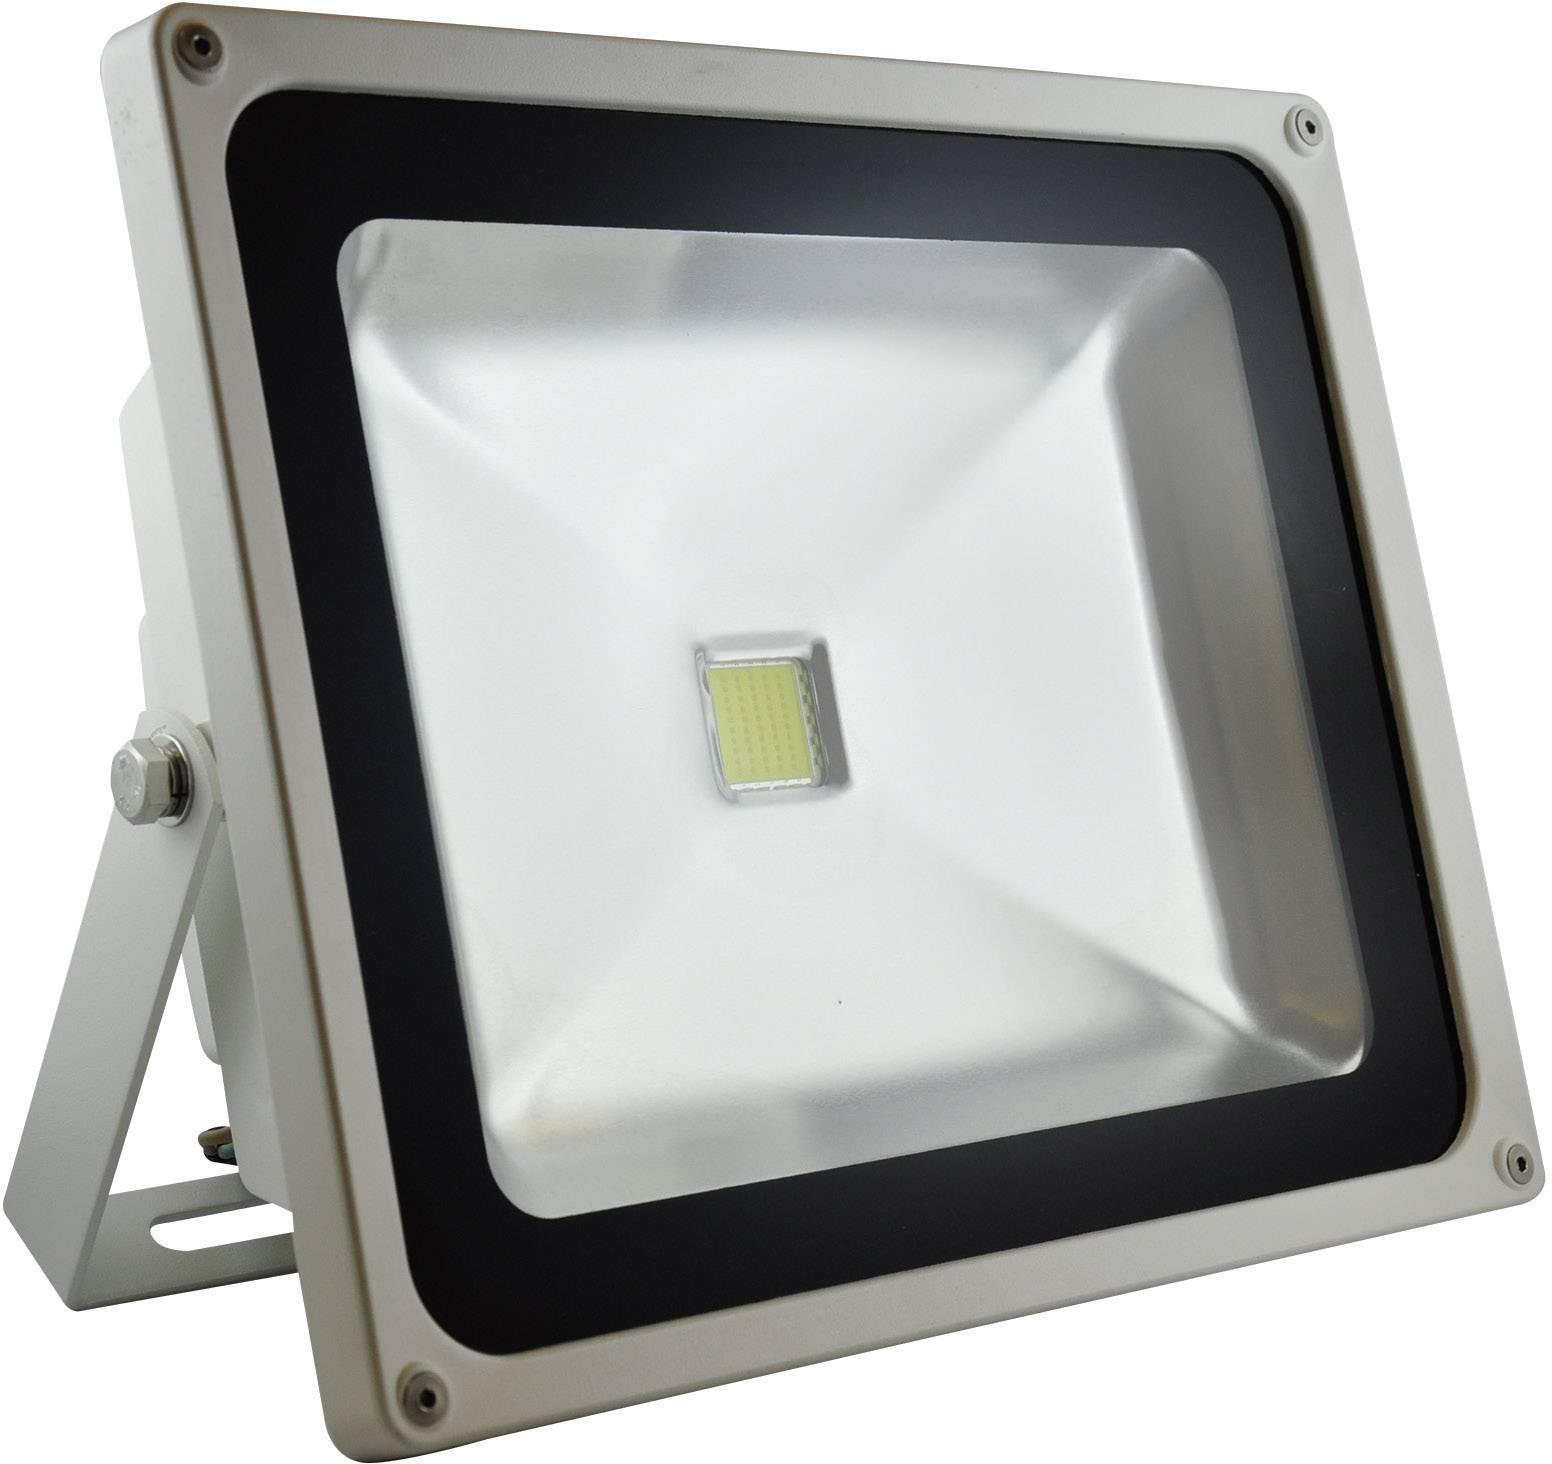 LED Außenstrahler 50 W Warm Weiß DioDor DIO FL50N W Weiß